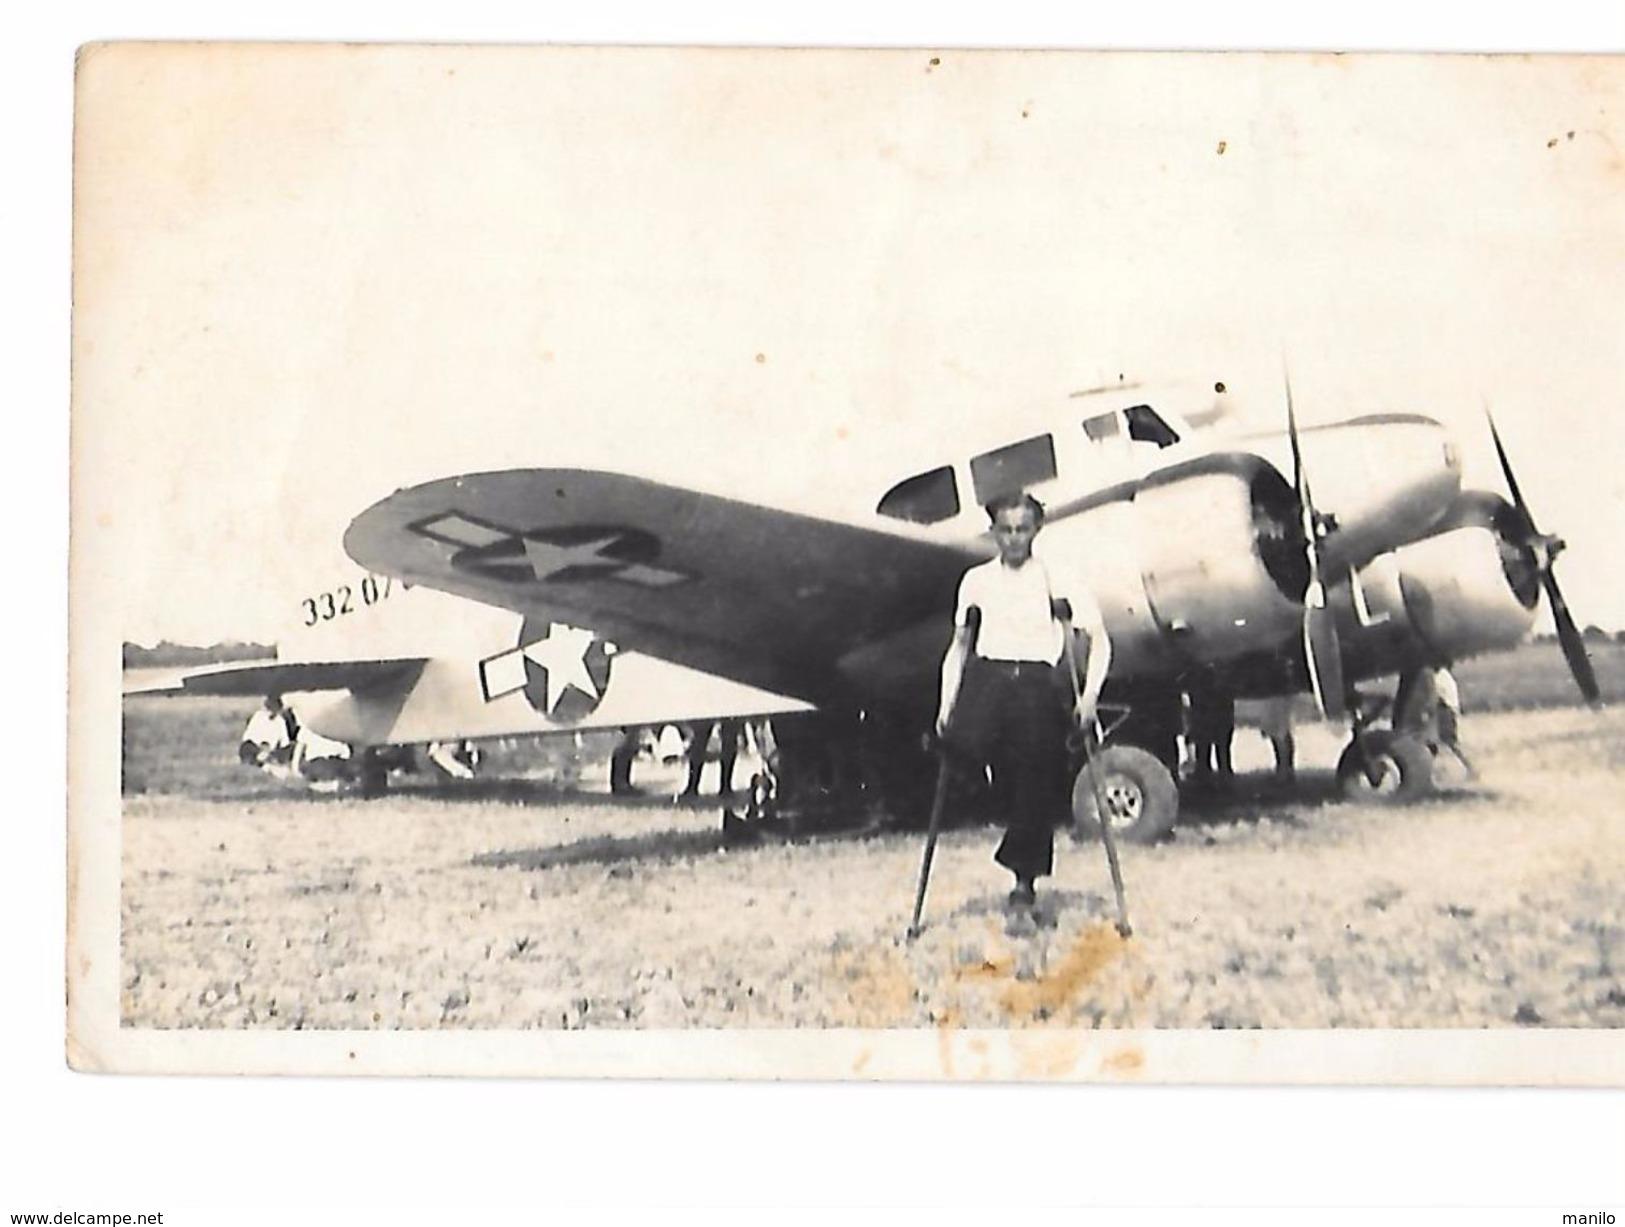 Photo D'un Personnage Blessé, Amputé D'une Jambe, Devant Un Avion Bombardier Américain 2e Guerre Mondiale 332-07 - Aviation